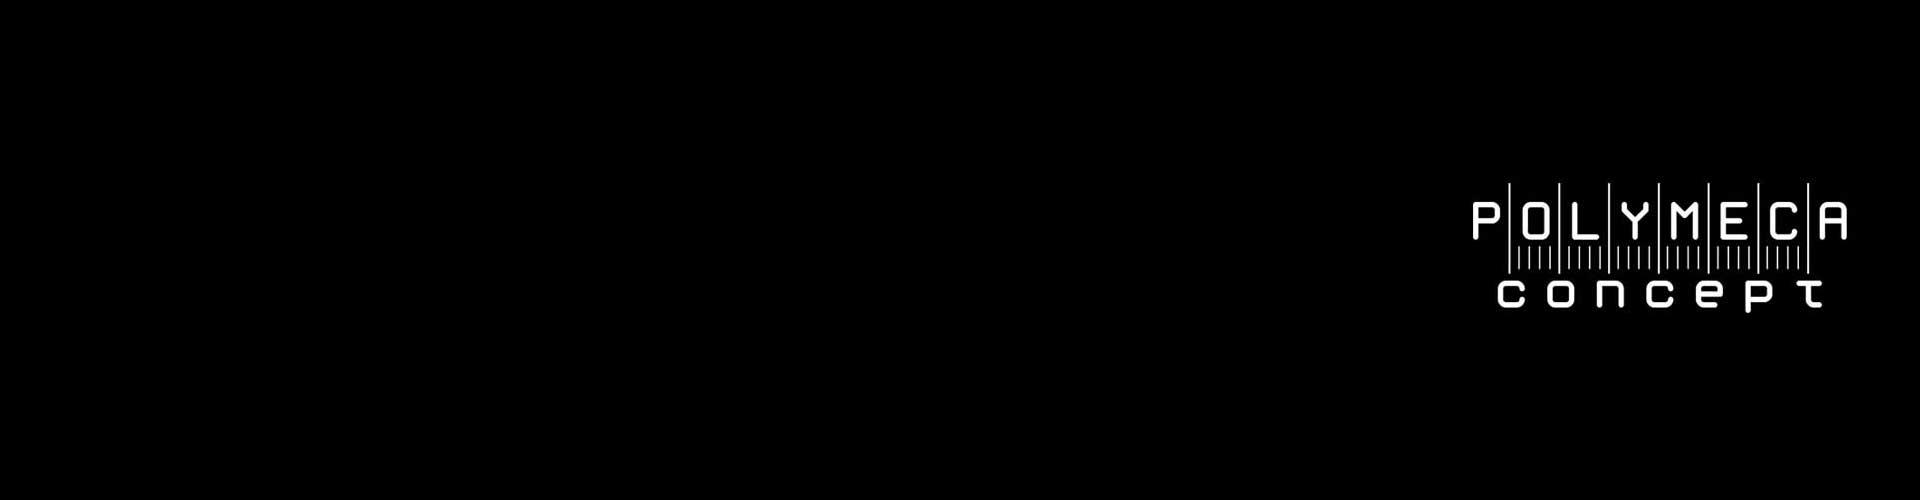 Poly Meca Concept, Chaudronnerie, métallerie, tuyauterie industrielle, bureau d'études à Saint André de Sangonis dans l'Hérault